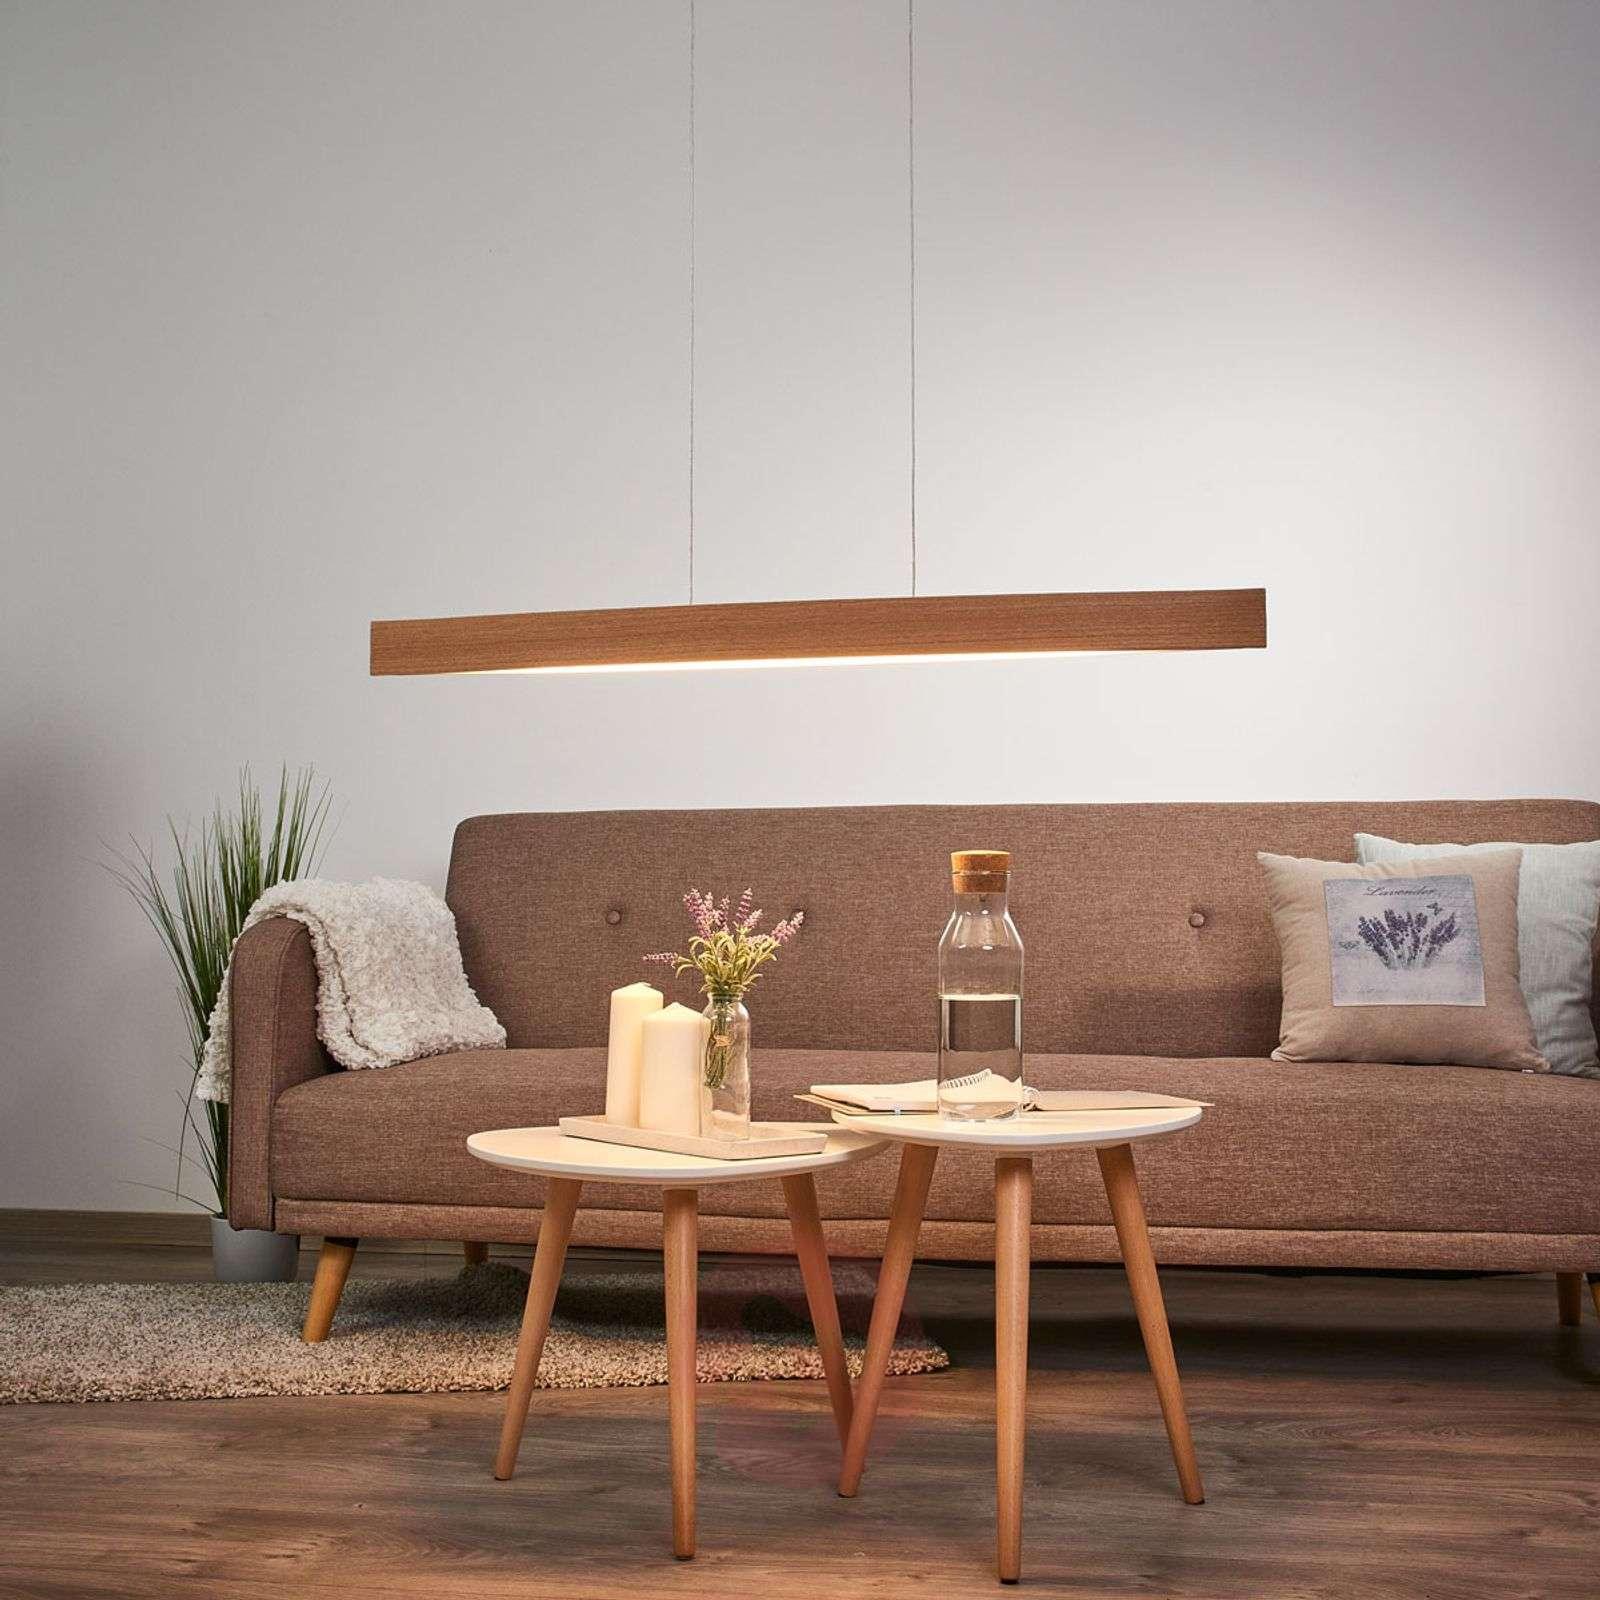 Fornes-LED-riippuvalaisin, luonnon tammi-3031531-01